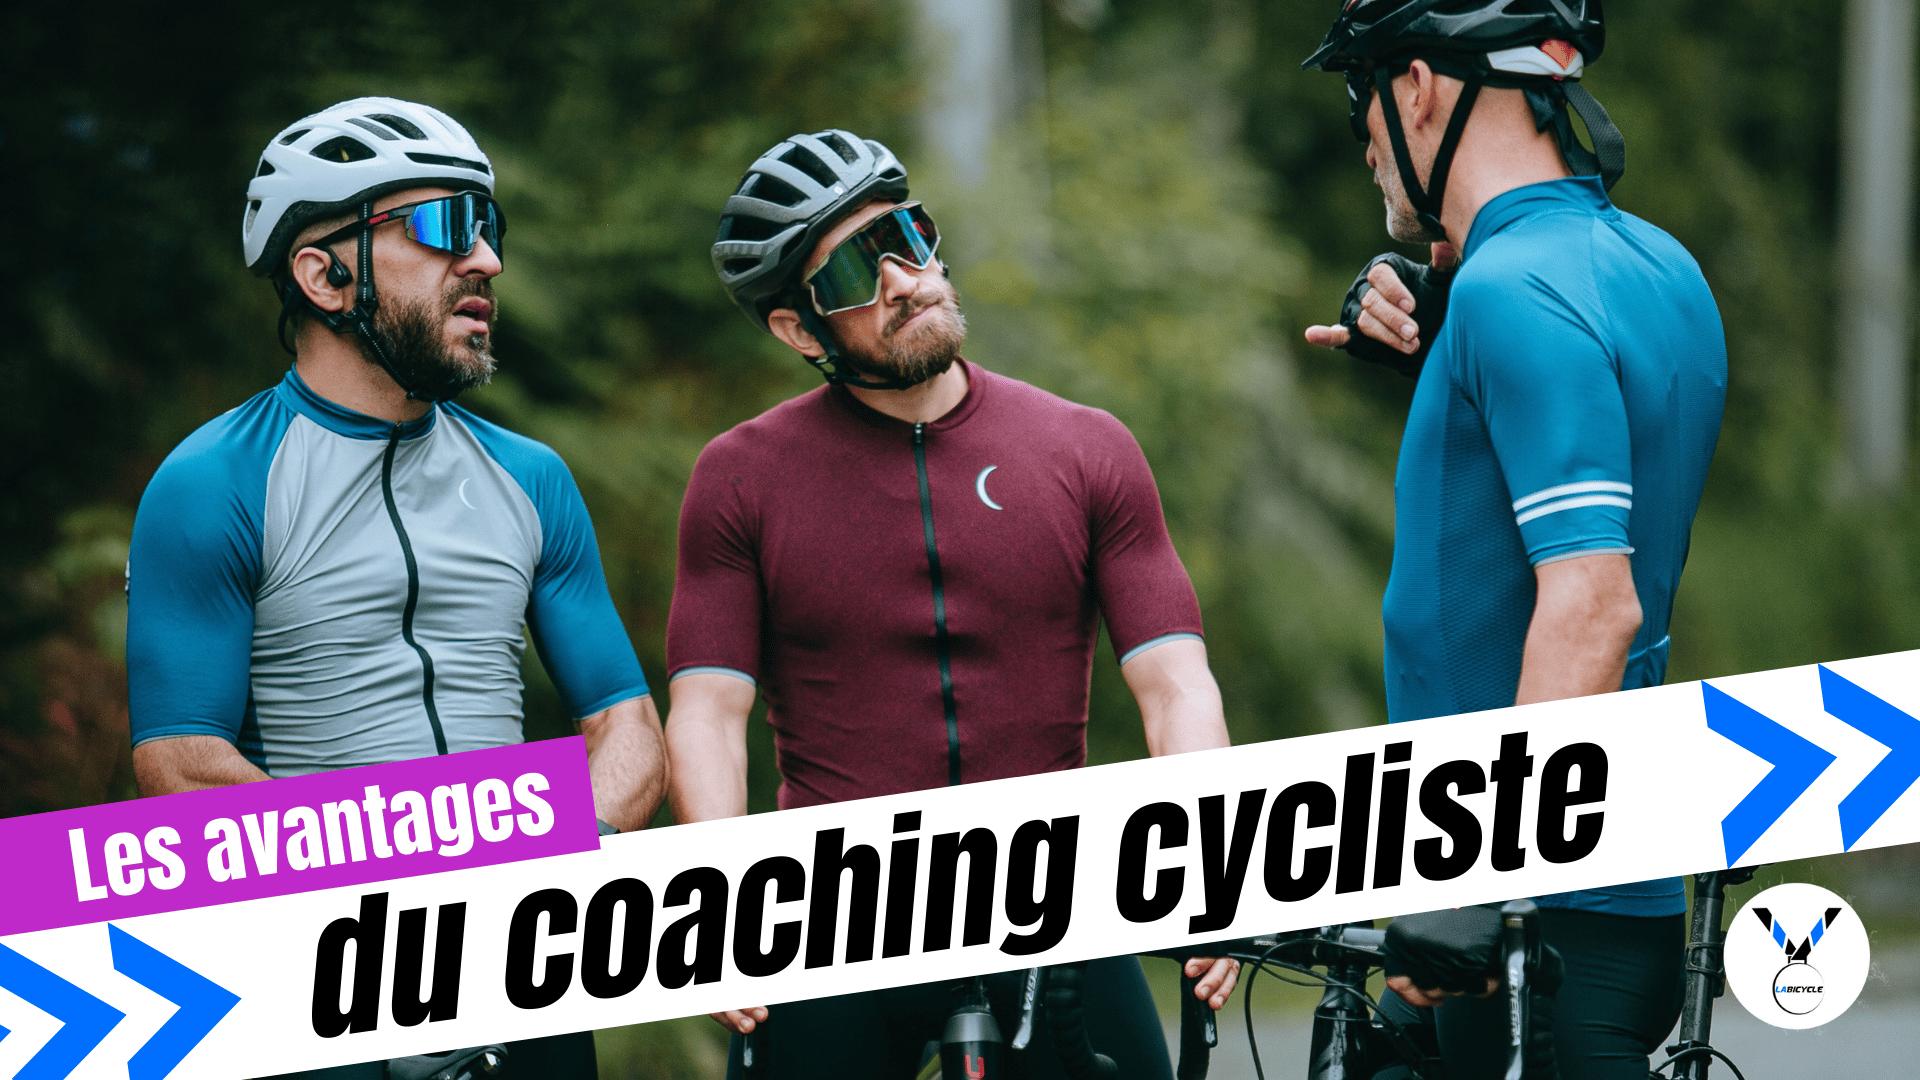 Les avantages du coaching cycliste